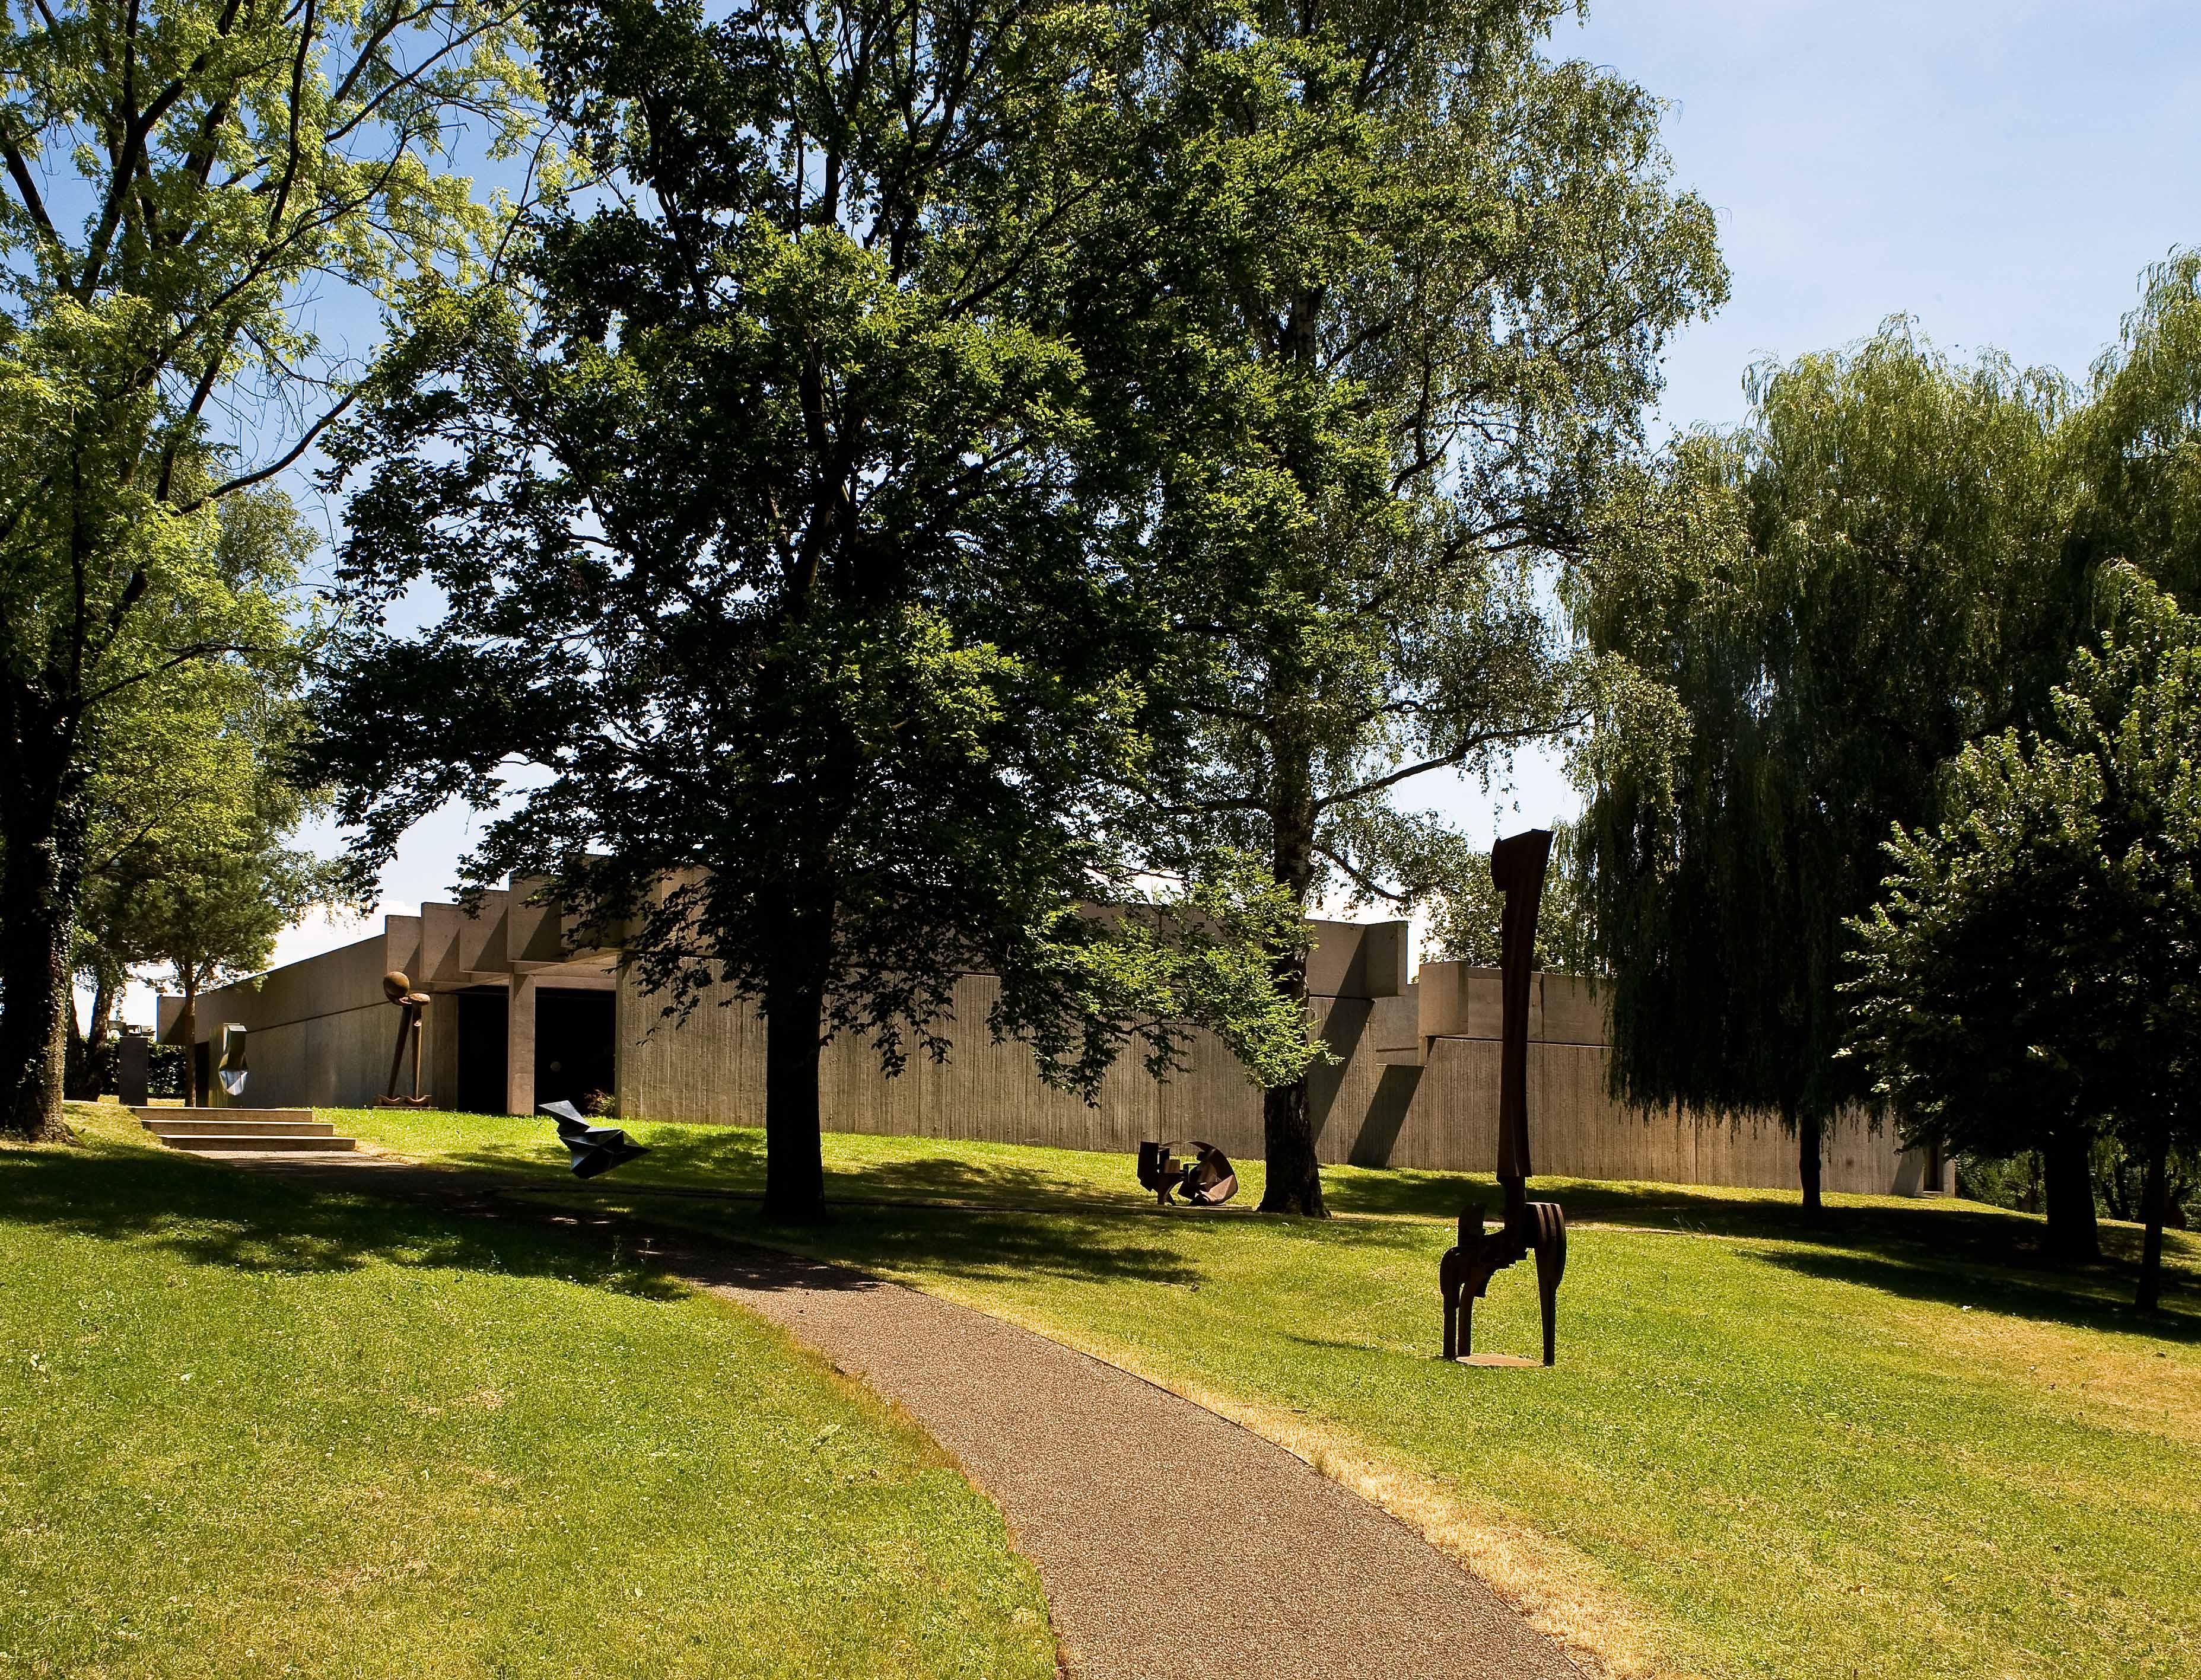 Haus und Garten Sammlung Domnick; Foto: Stiftung Domnick, Rose Hajdu